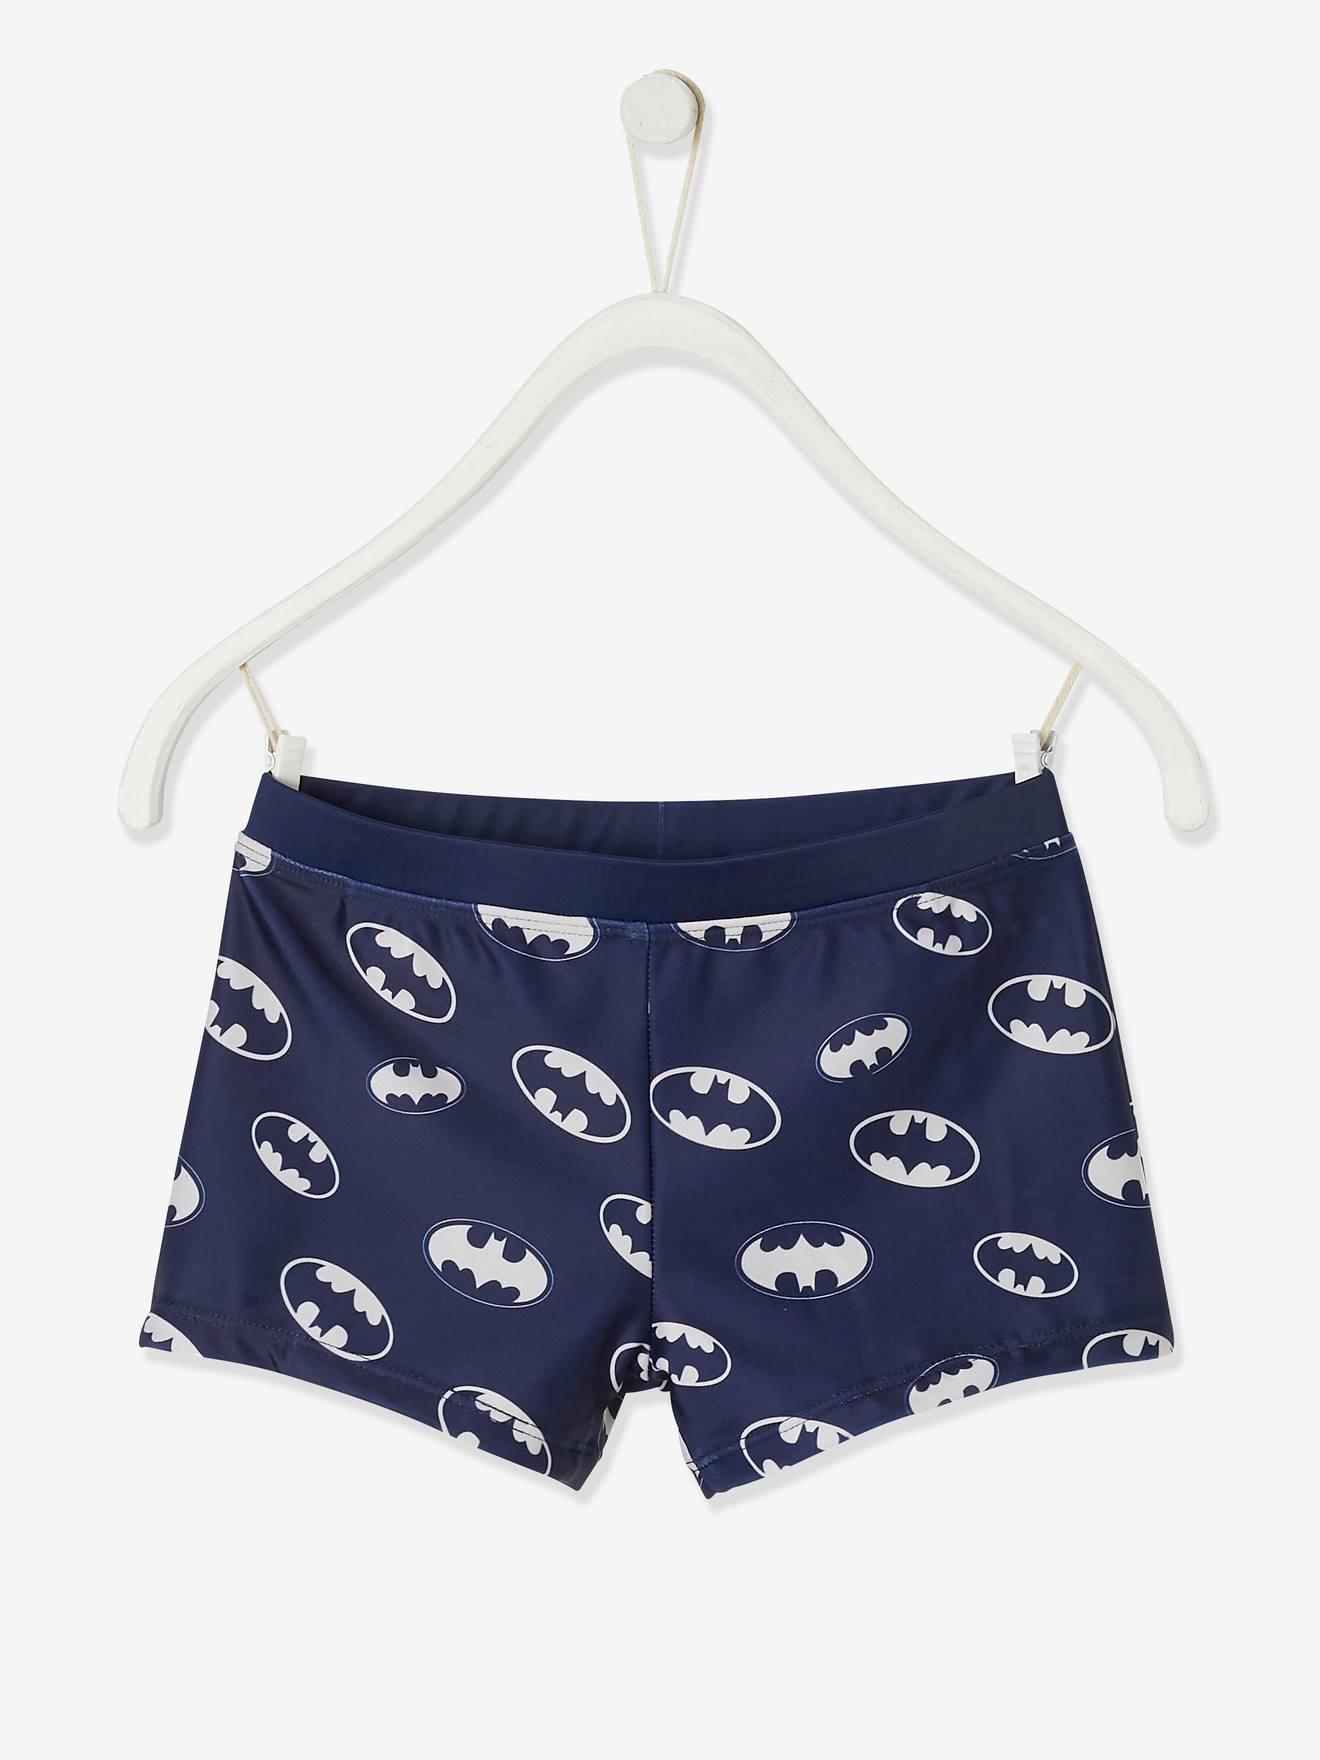 Short de bain DC Comics® Batman bleu nuit